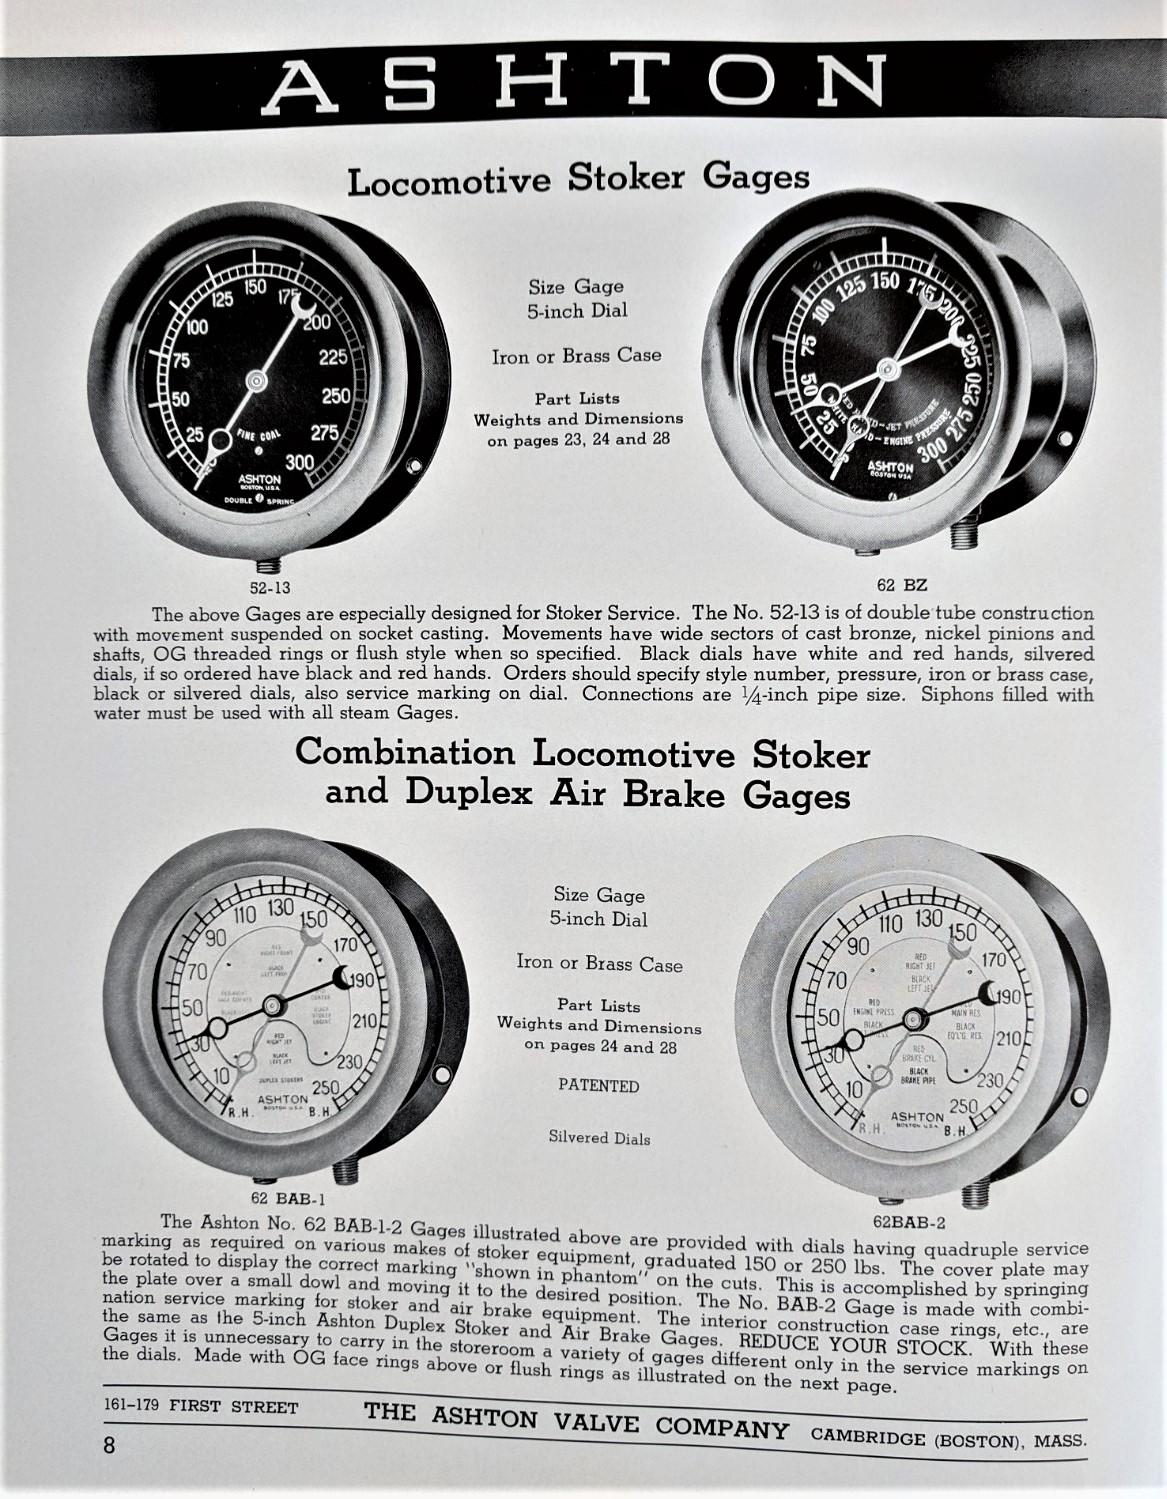 Ashton gage catalog 1941    8.jpg